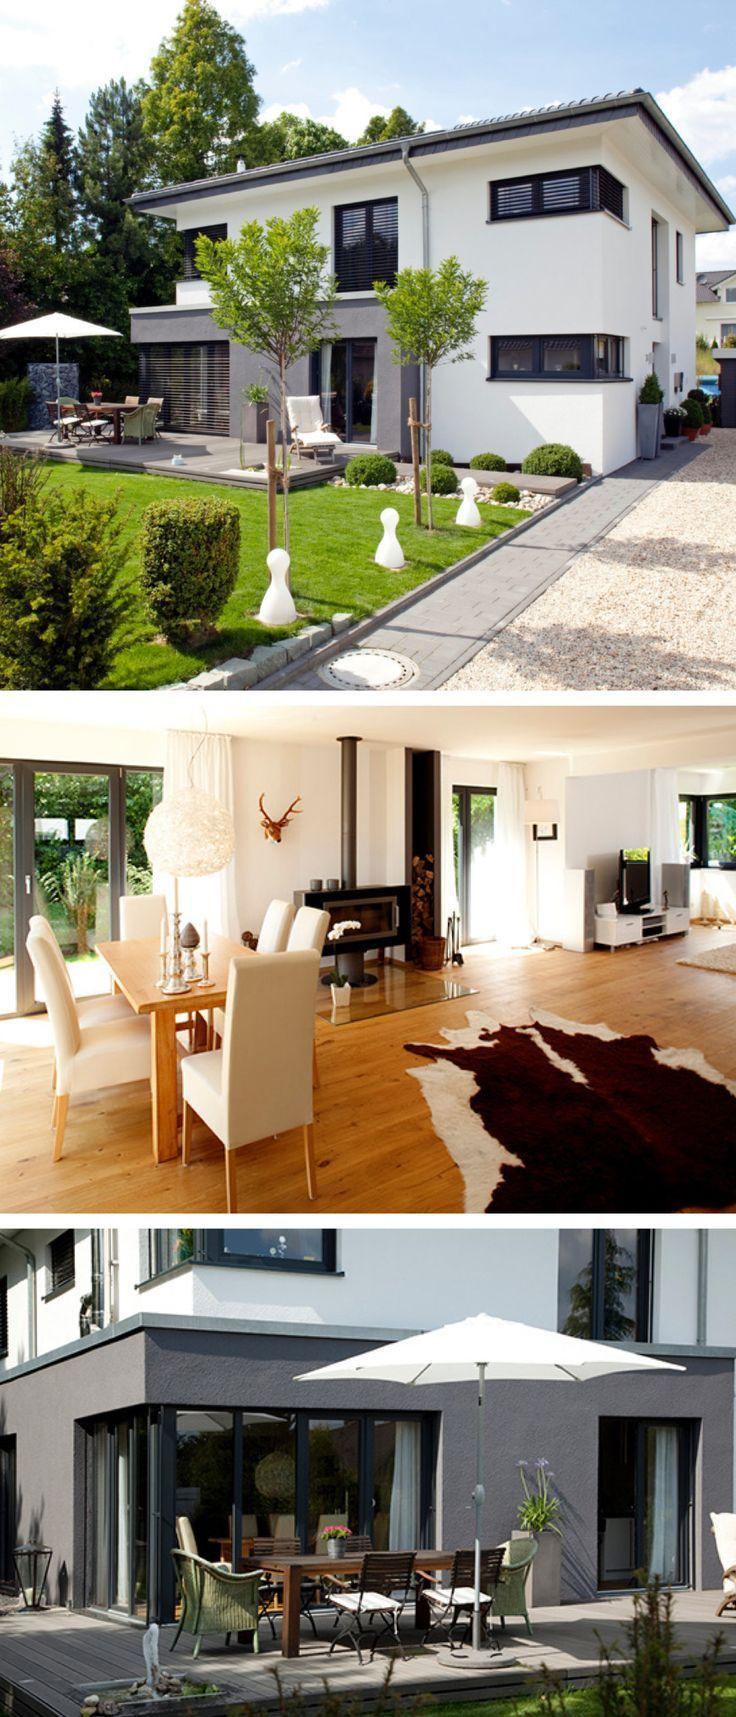 Wohnideen: Wohnideen modern gestalten Wohnideen modern modern City Villa mit Galerie & Zeltdacharchitektur – Solides Haus bauen Haus … – Grazella Coumans